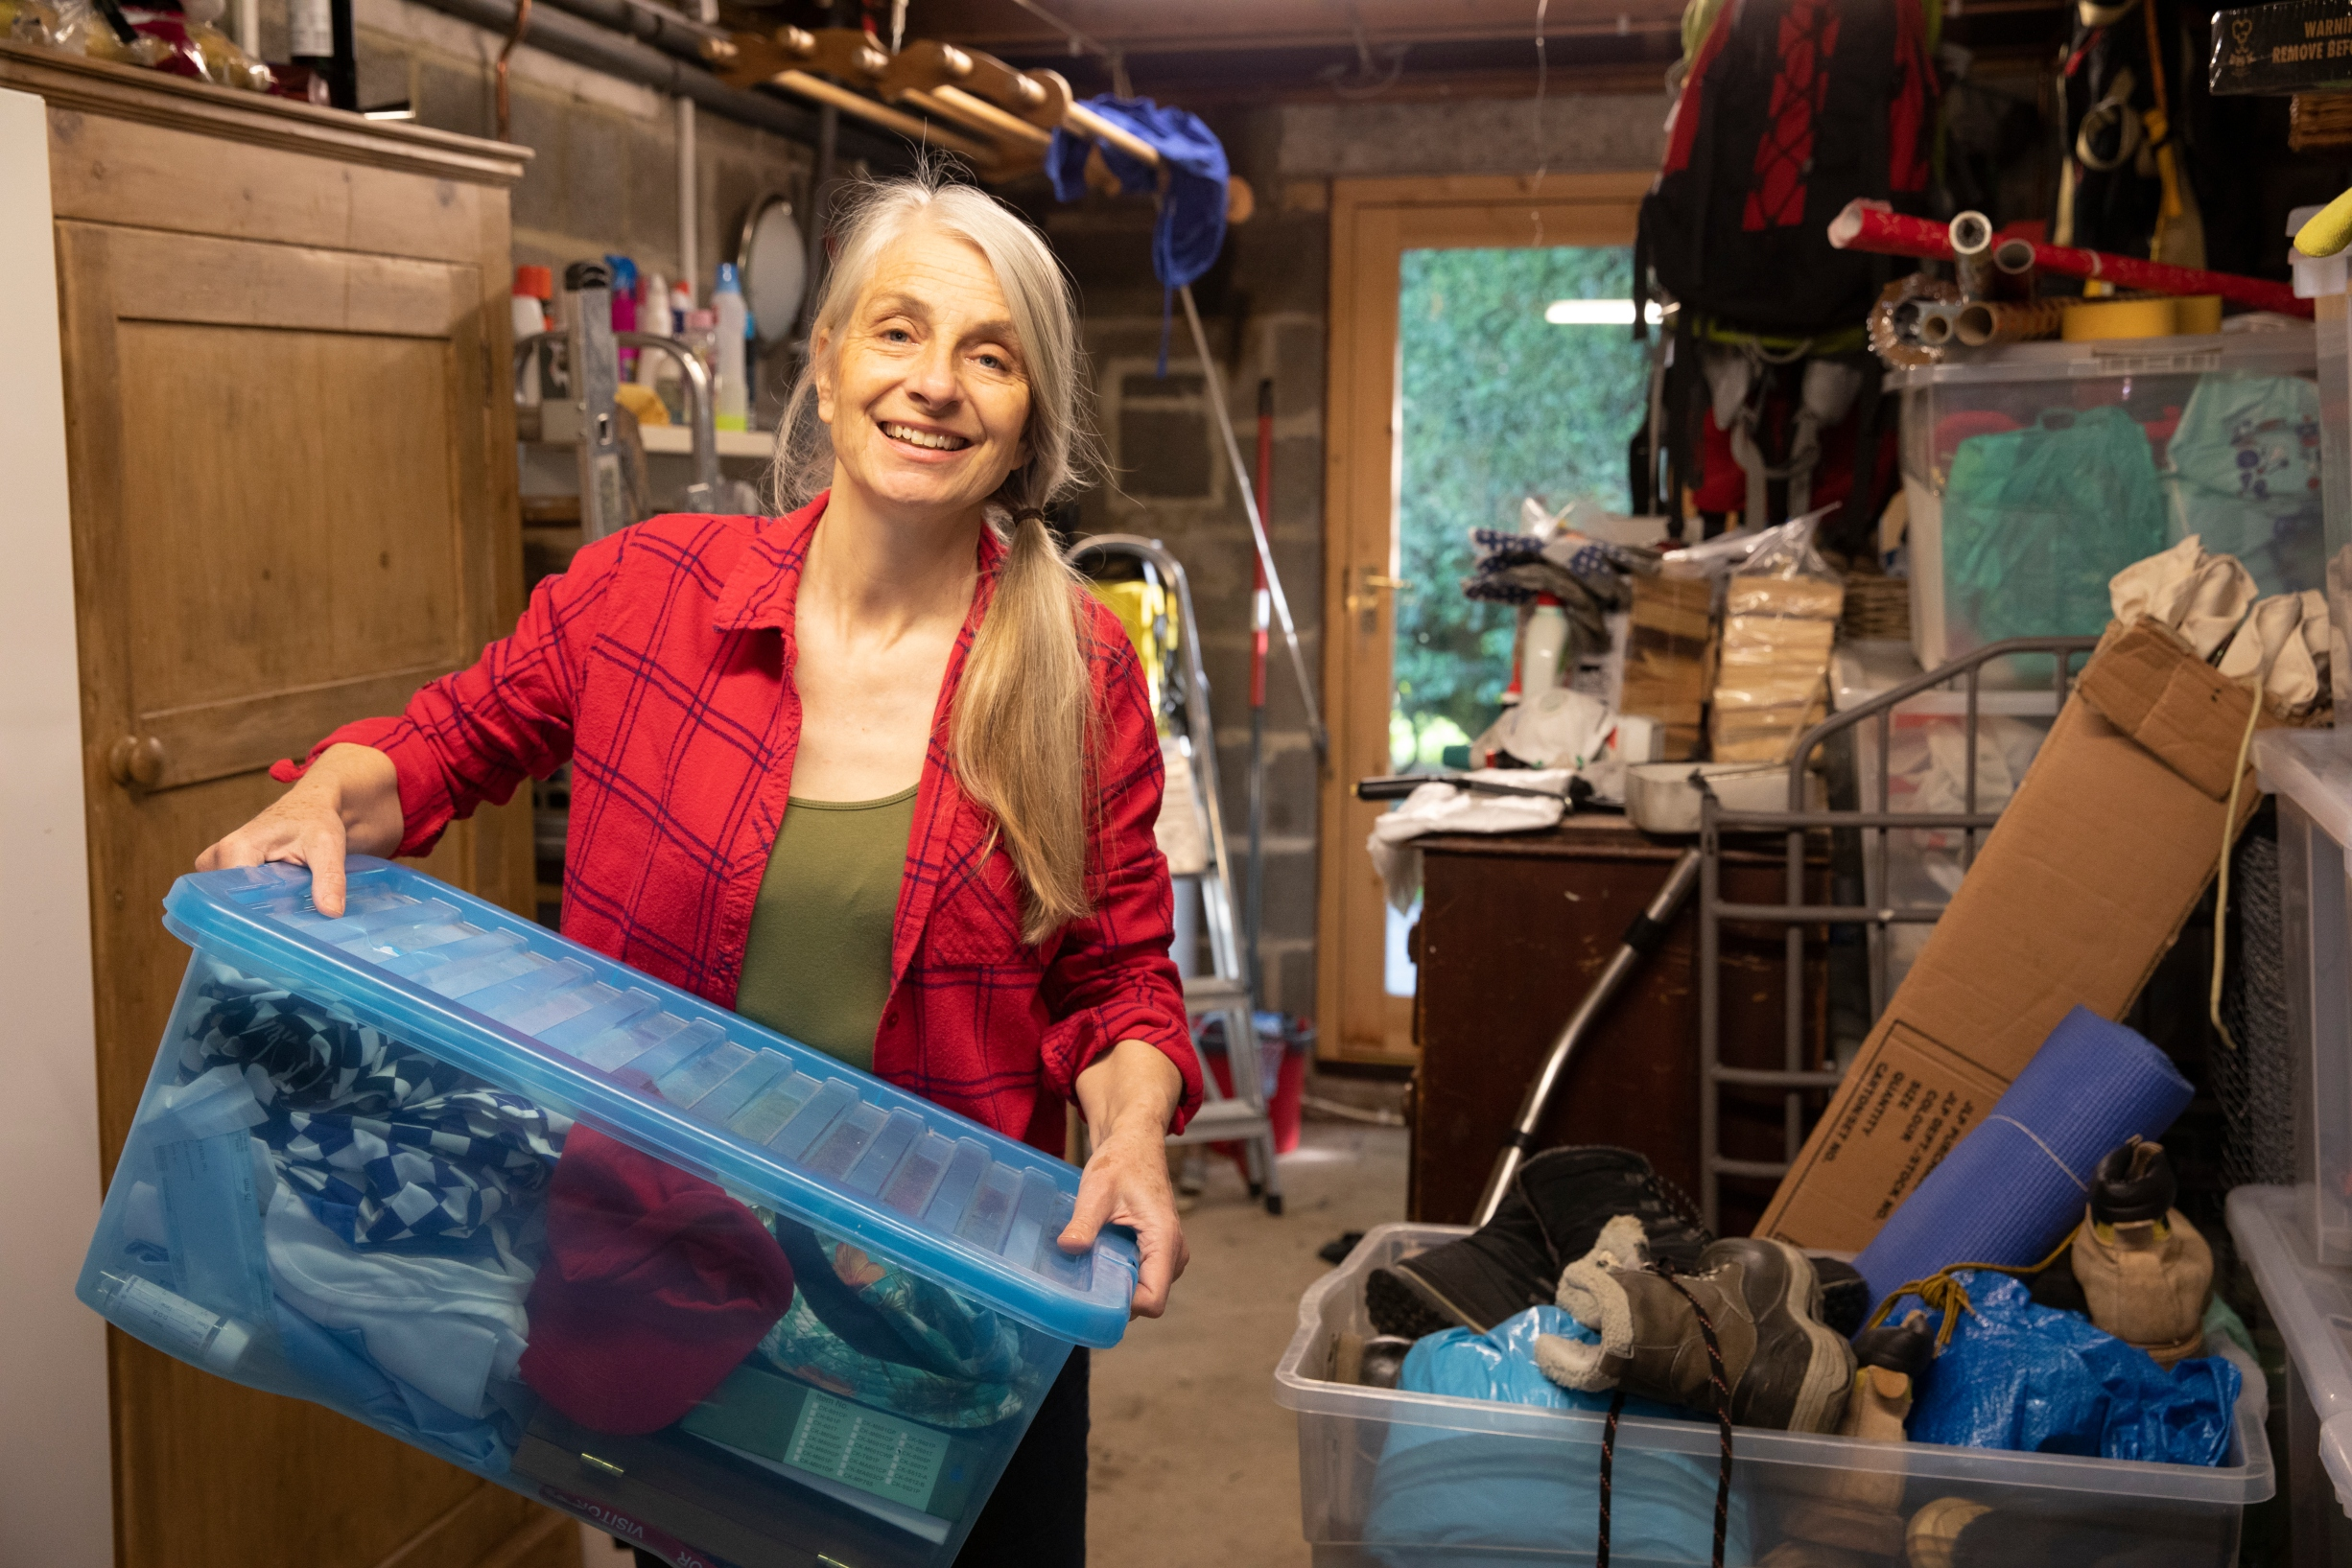 Women Decluttering her house